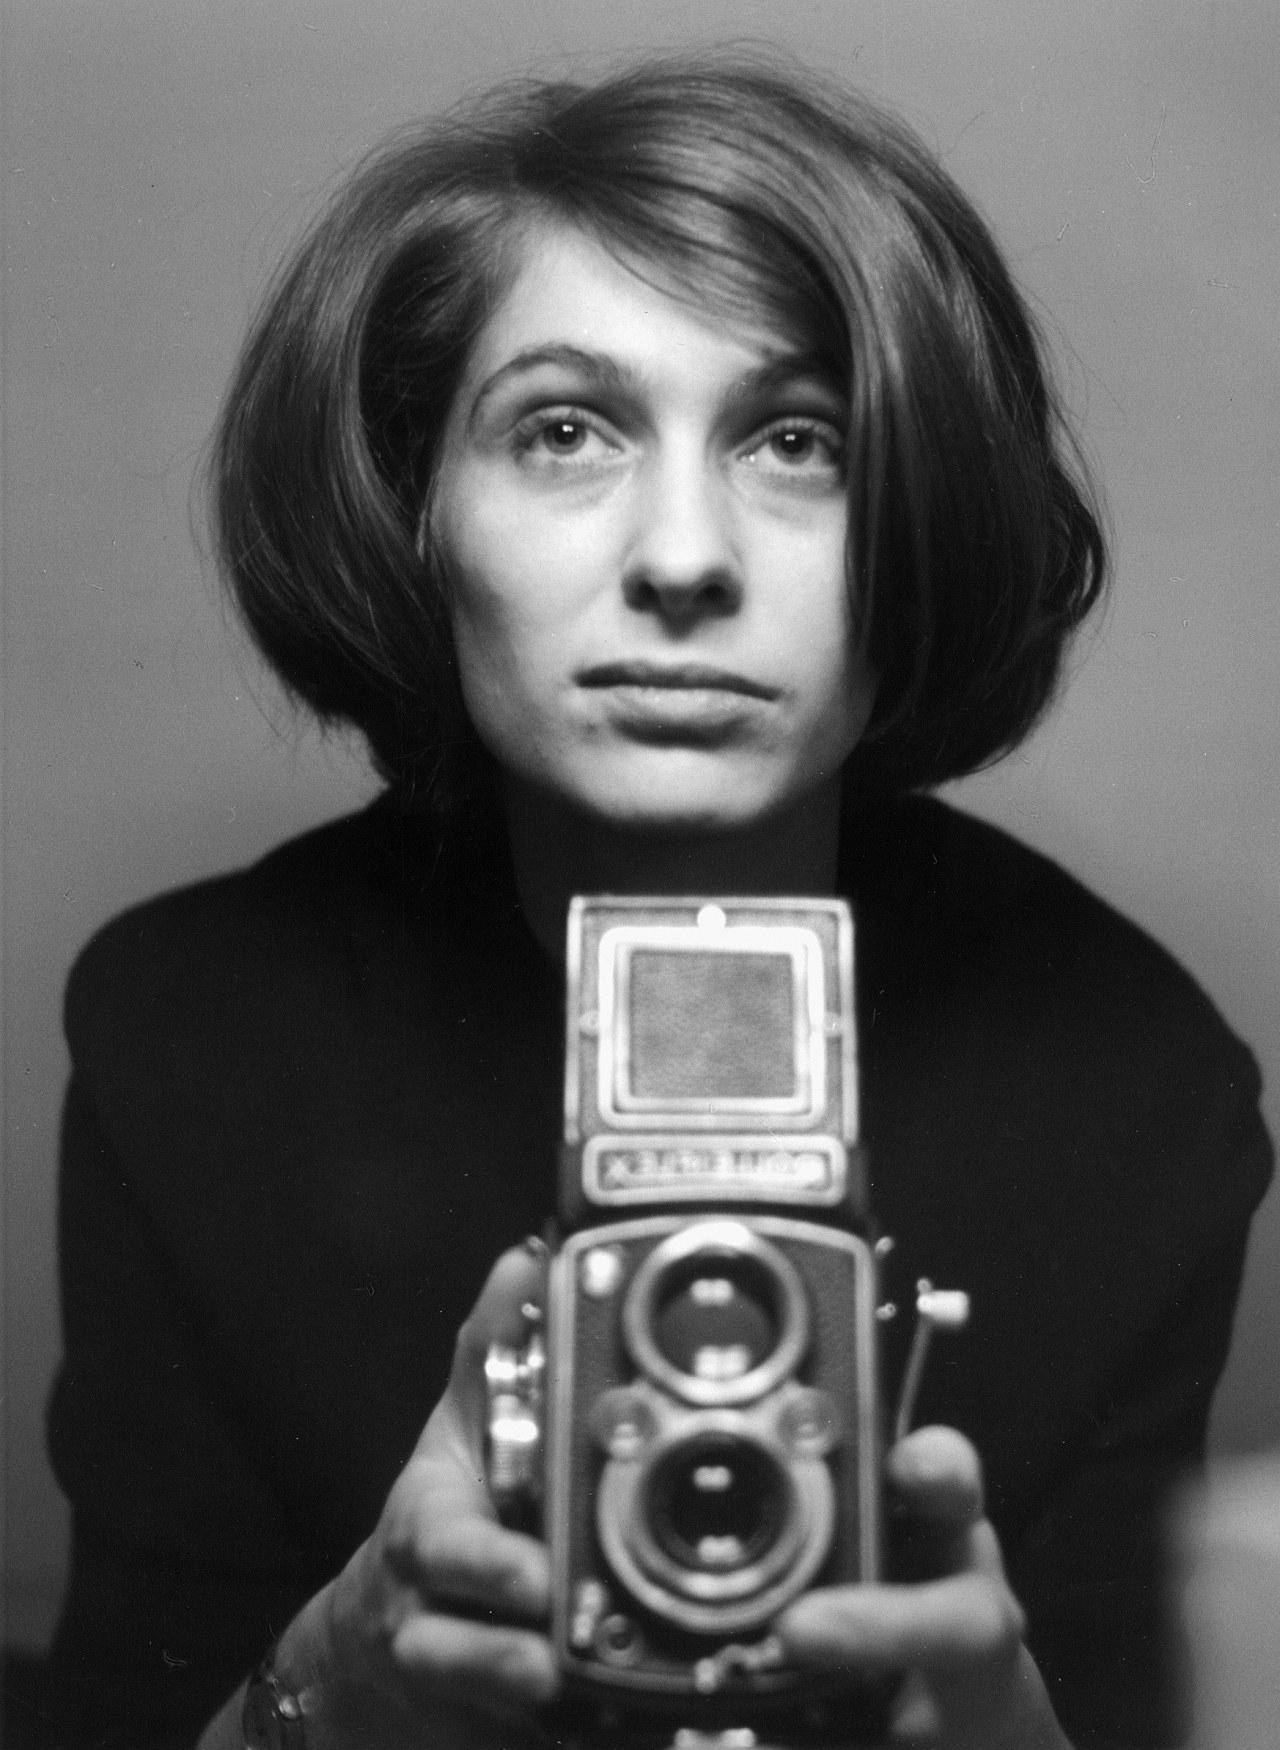 Die Frau mit der Kamera - Abisag Tüllmann - Bild 1